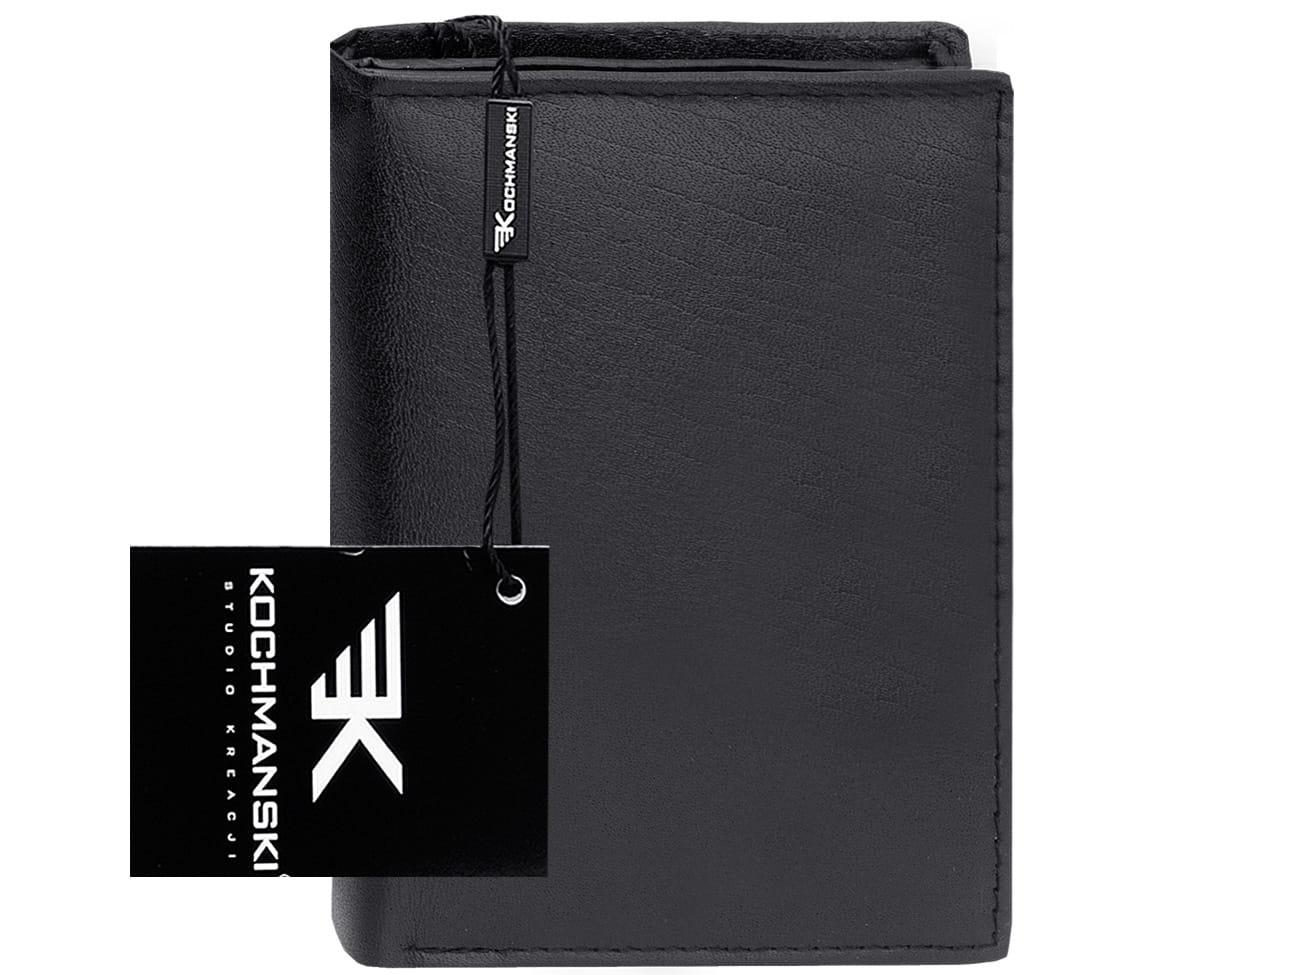 d29adf92c7488 Skórzany portfel męski Kochmanski 1002 Skorzany.com